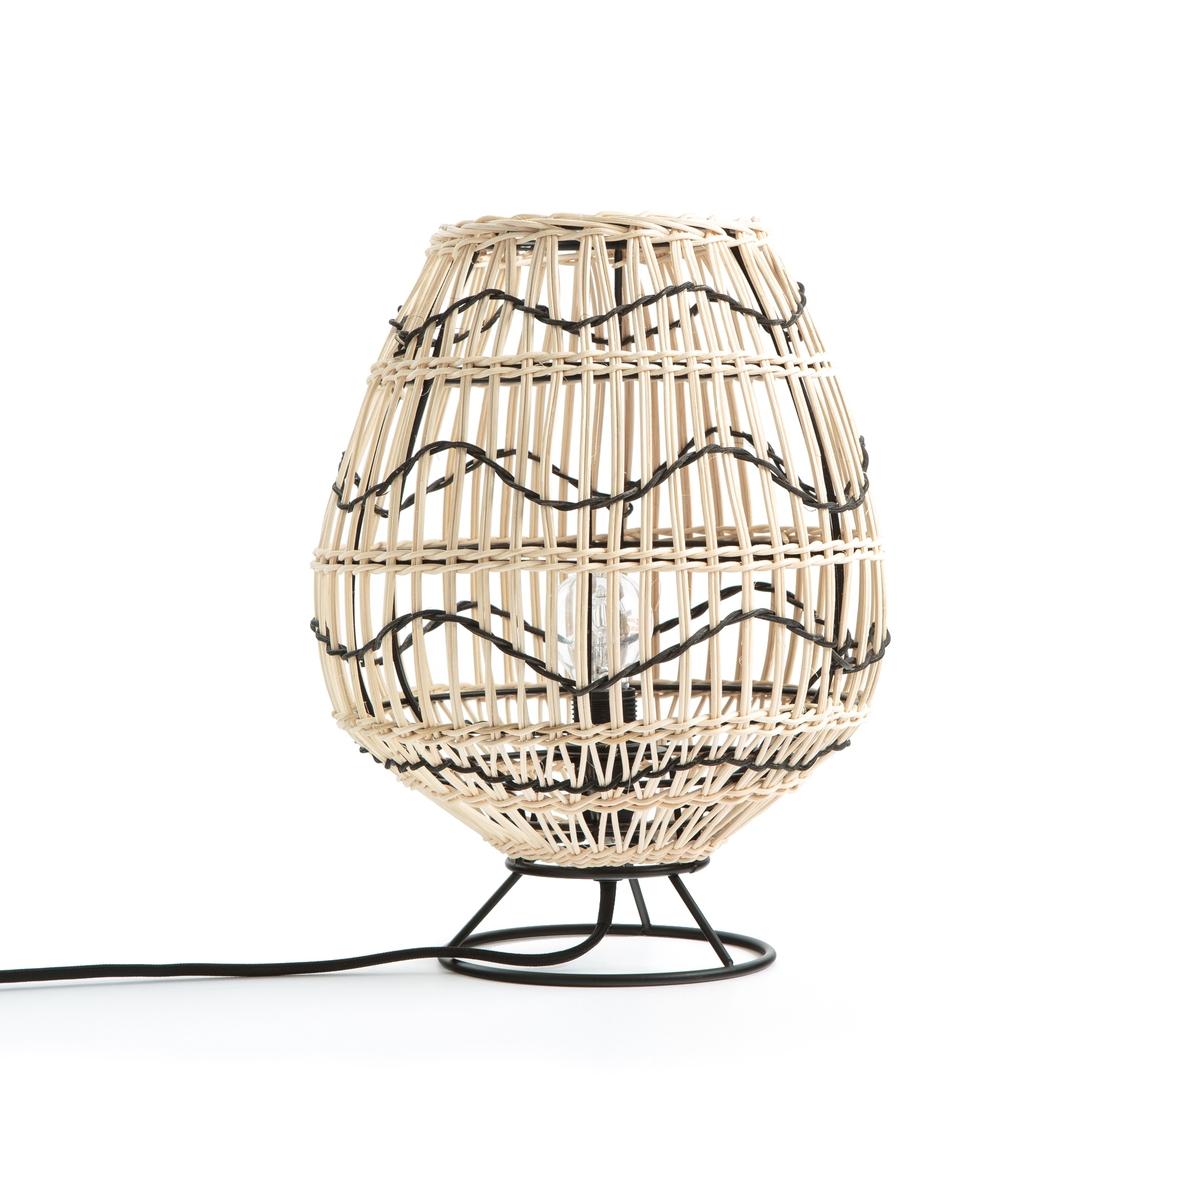 Лампа La Redoute Настольная из металла и ротанга Martaban единый размер бежевый поднос la redoute из ротанга vesprie единый размер бежевый